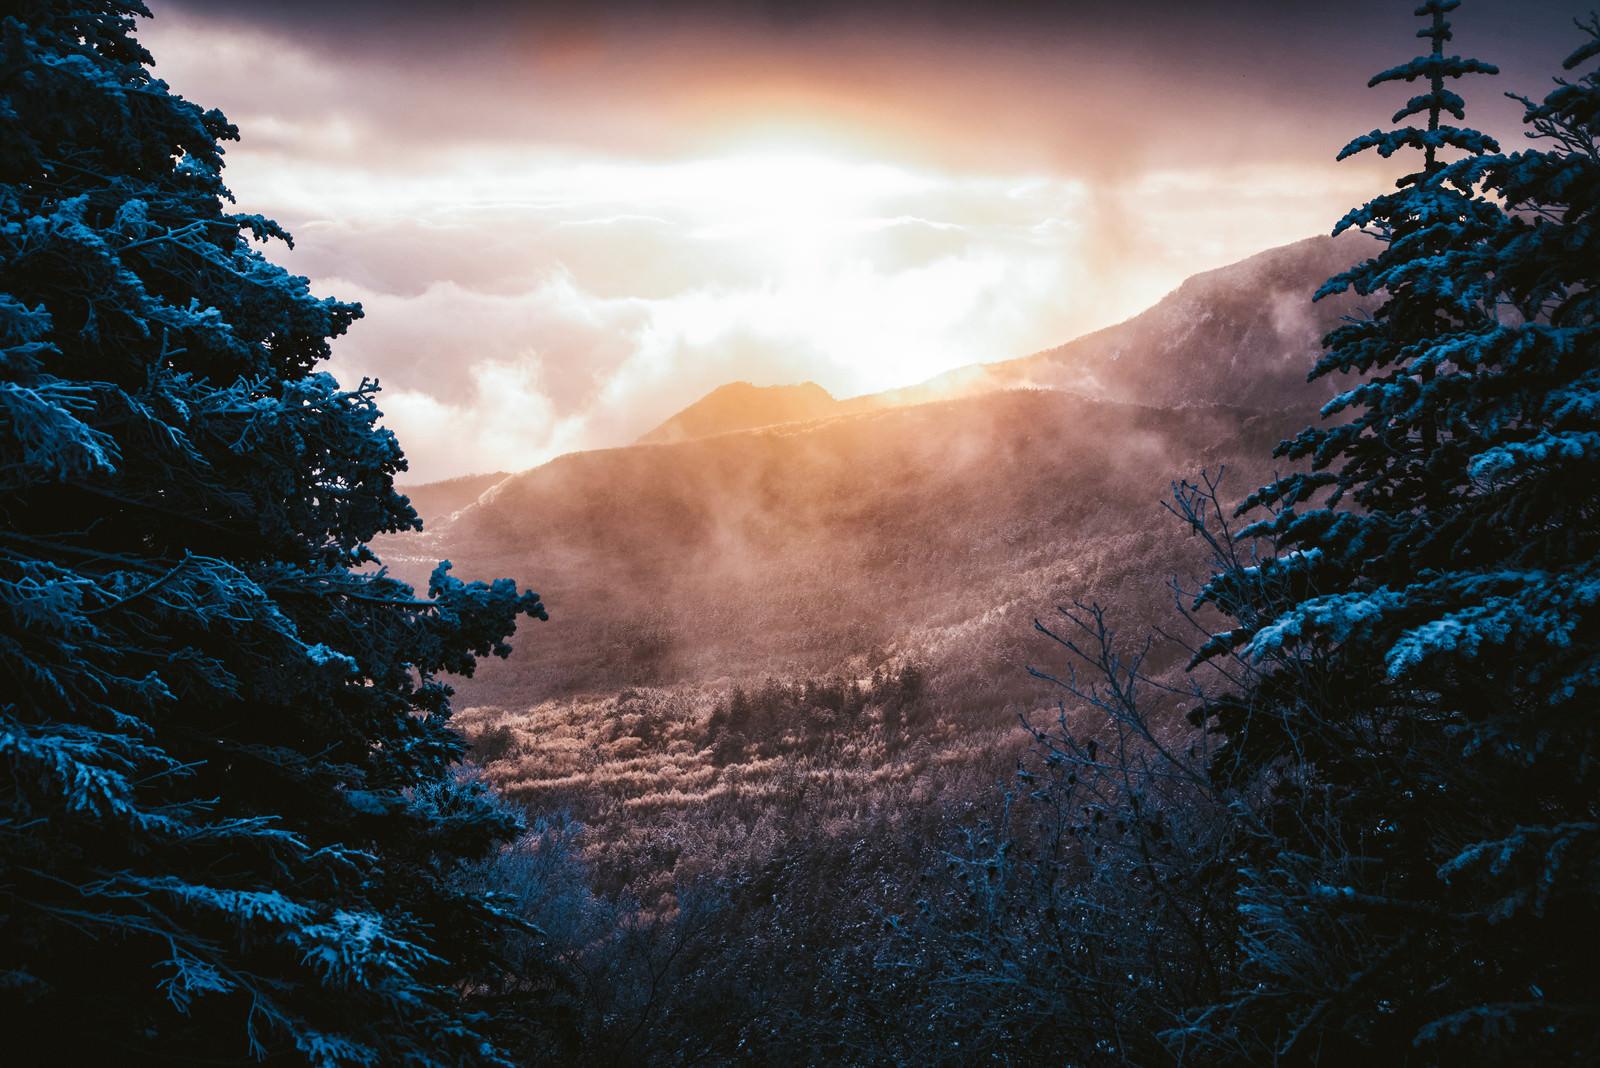 「幻想的な白銀の森の夜明け」の写真